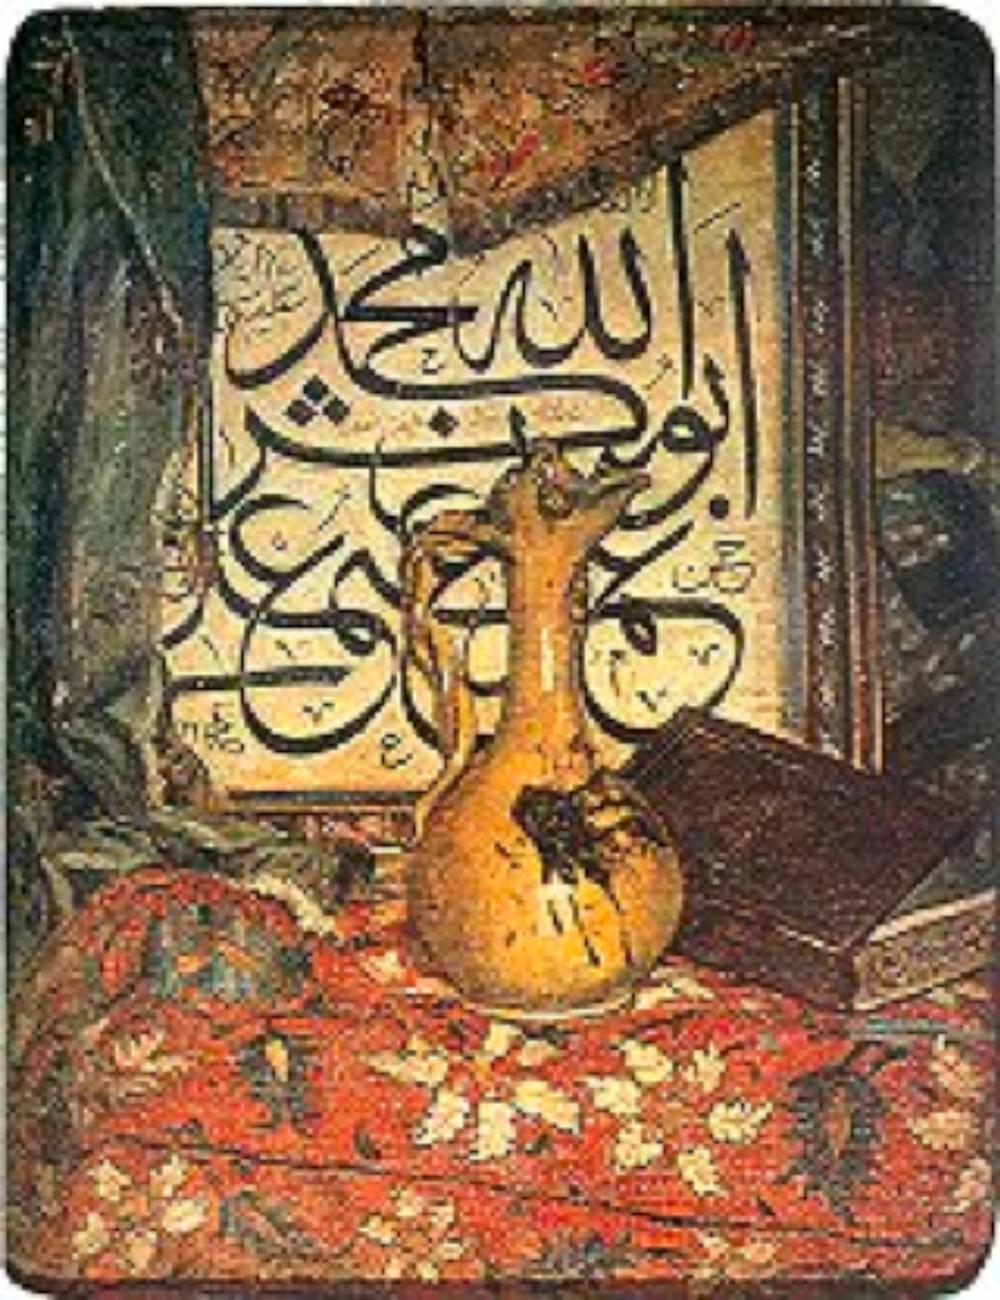 Kaligrafik Kompozisyon, 1945 Tual üzerine yağlıboya - 87 x 69 cm (Özel Koleksiyon)